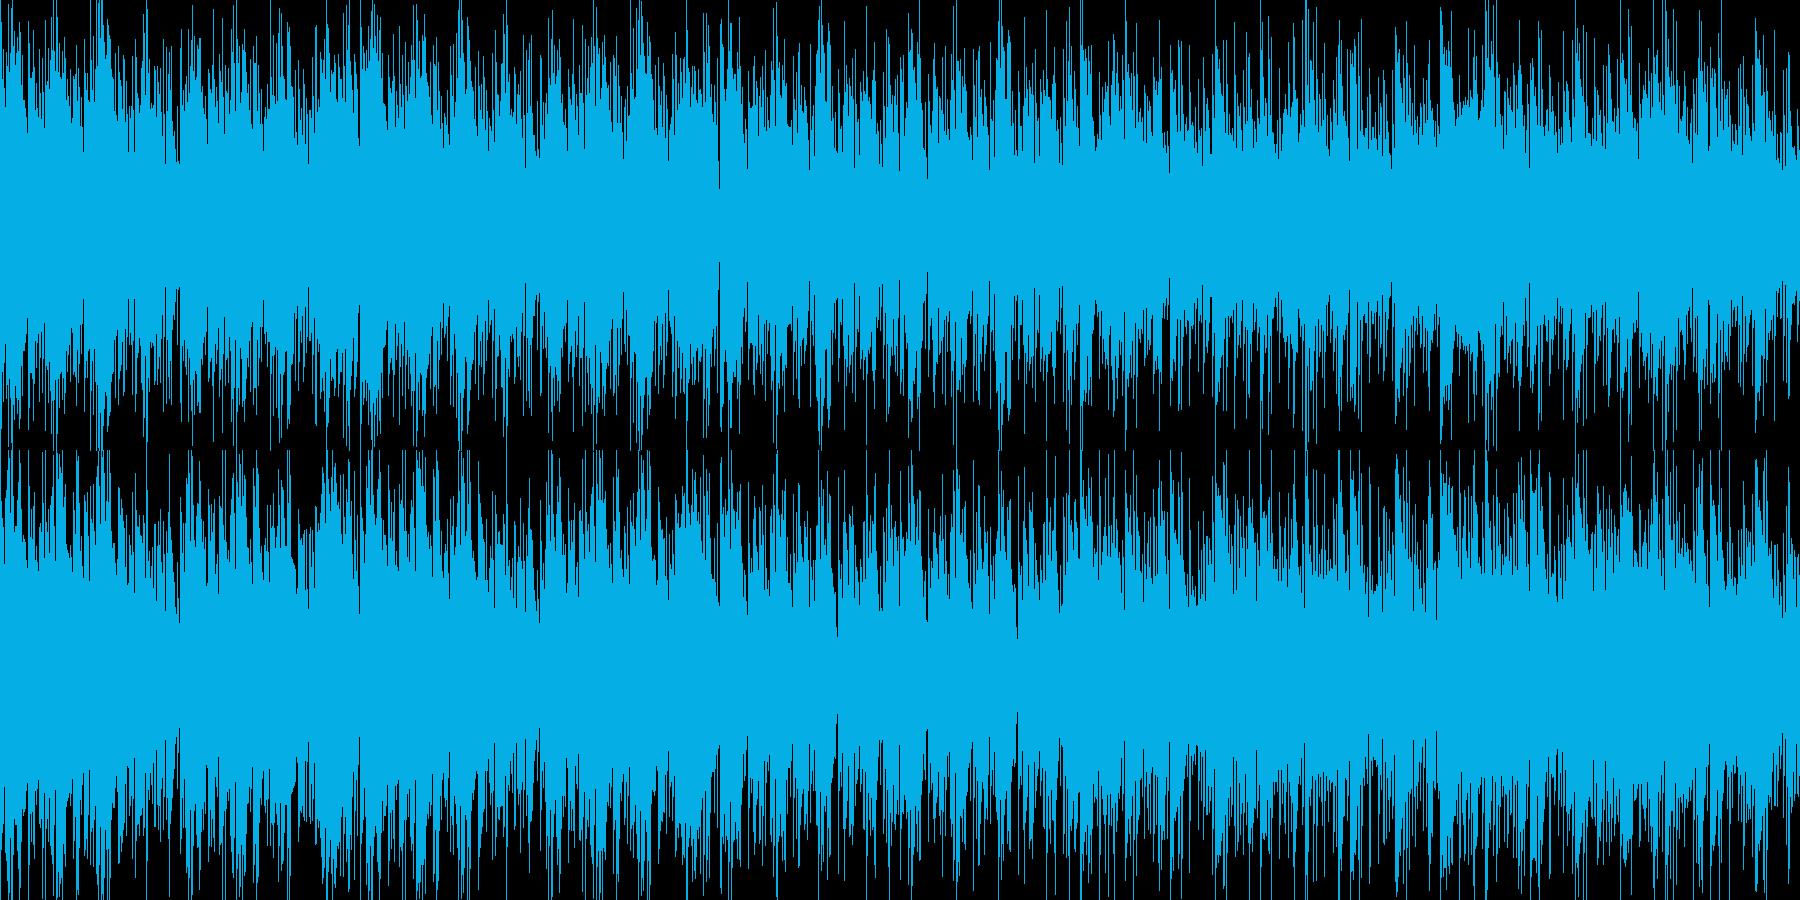 ハープとピアノの旋律が印象的なBGMの再生済みの波形